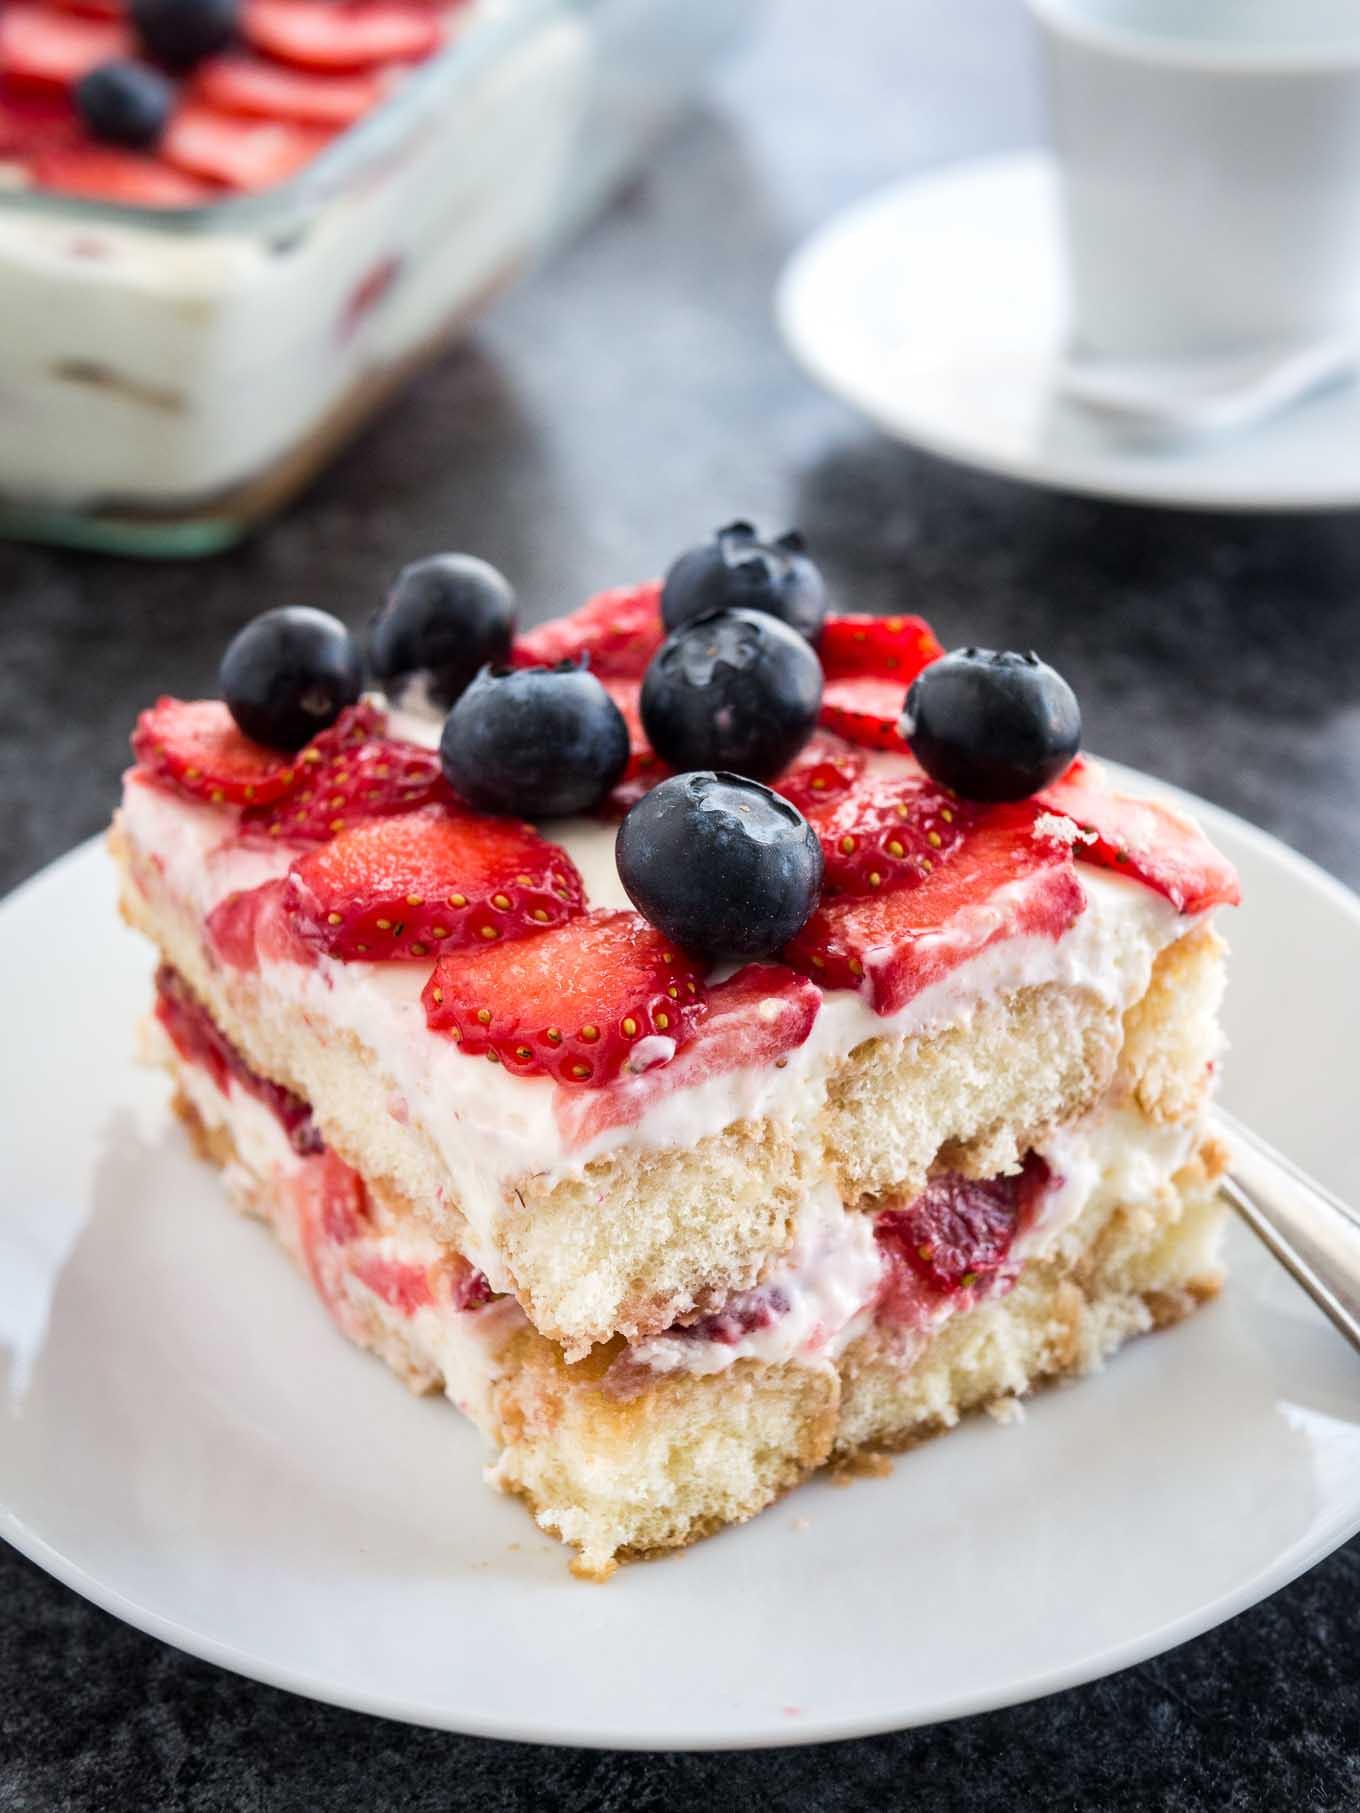 Summer Time Desserts  Strawberry Tiramisu No raw eggs no alcohol no coffee